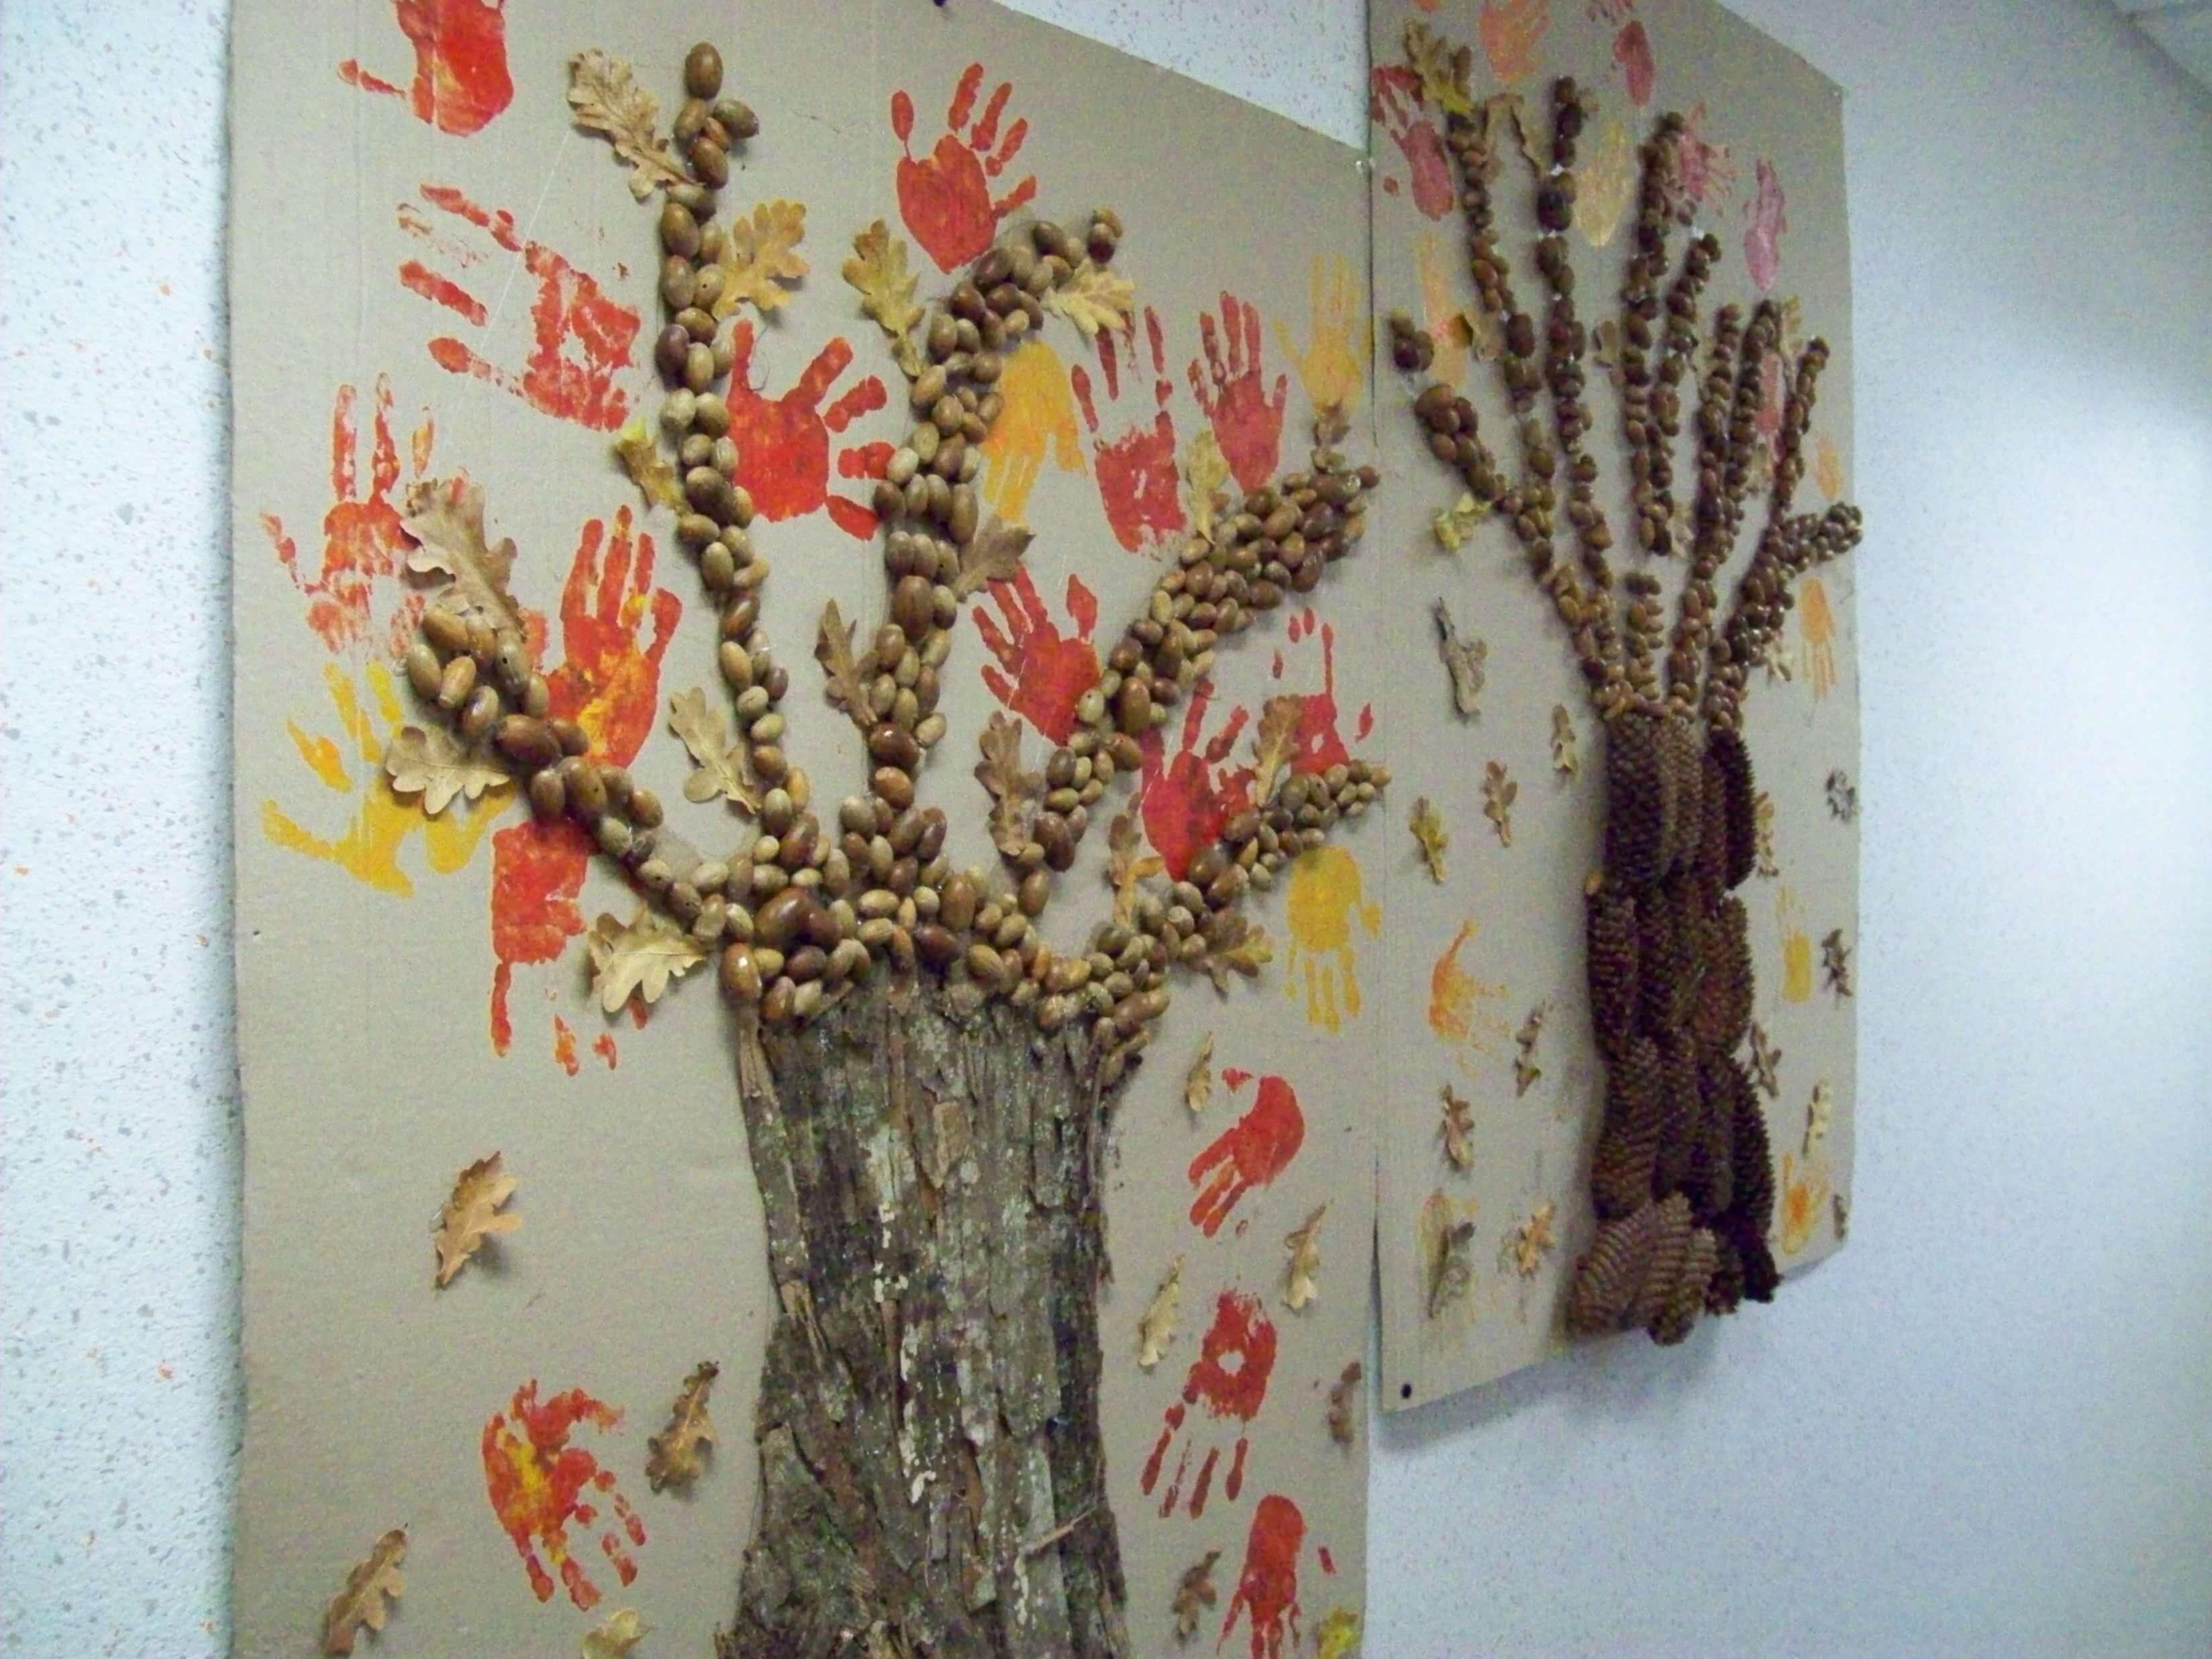 Les enfants utilisent des bouts d'écorce, des glands et des feuilles pour créer leurs propres arbres.